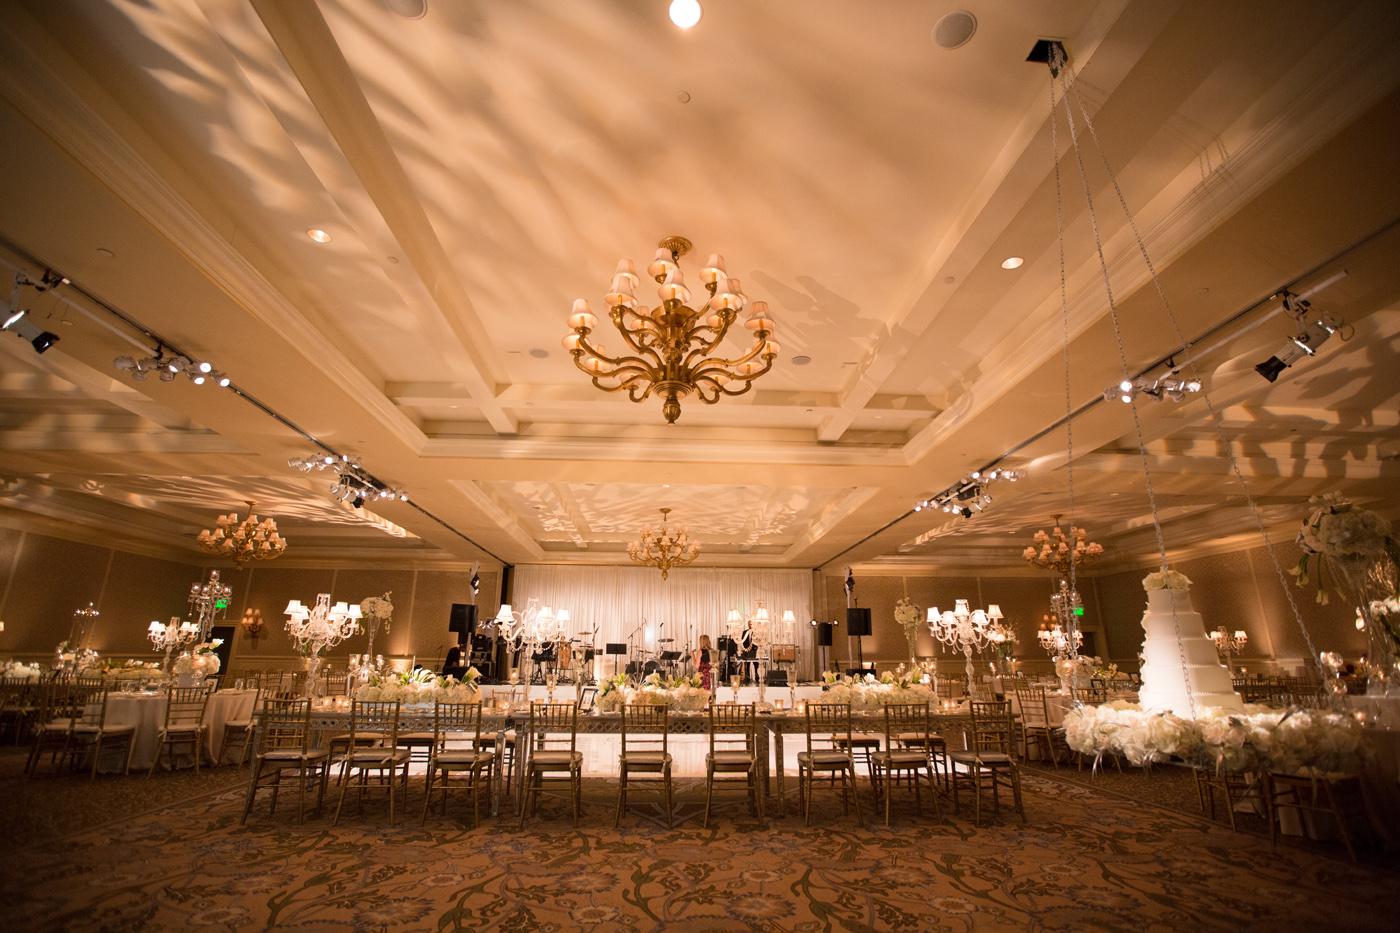 030_DukePhotography_DukeImages_Wedding_Details.jpg